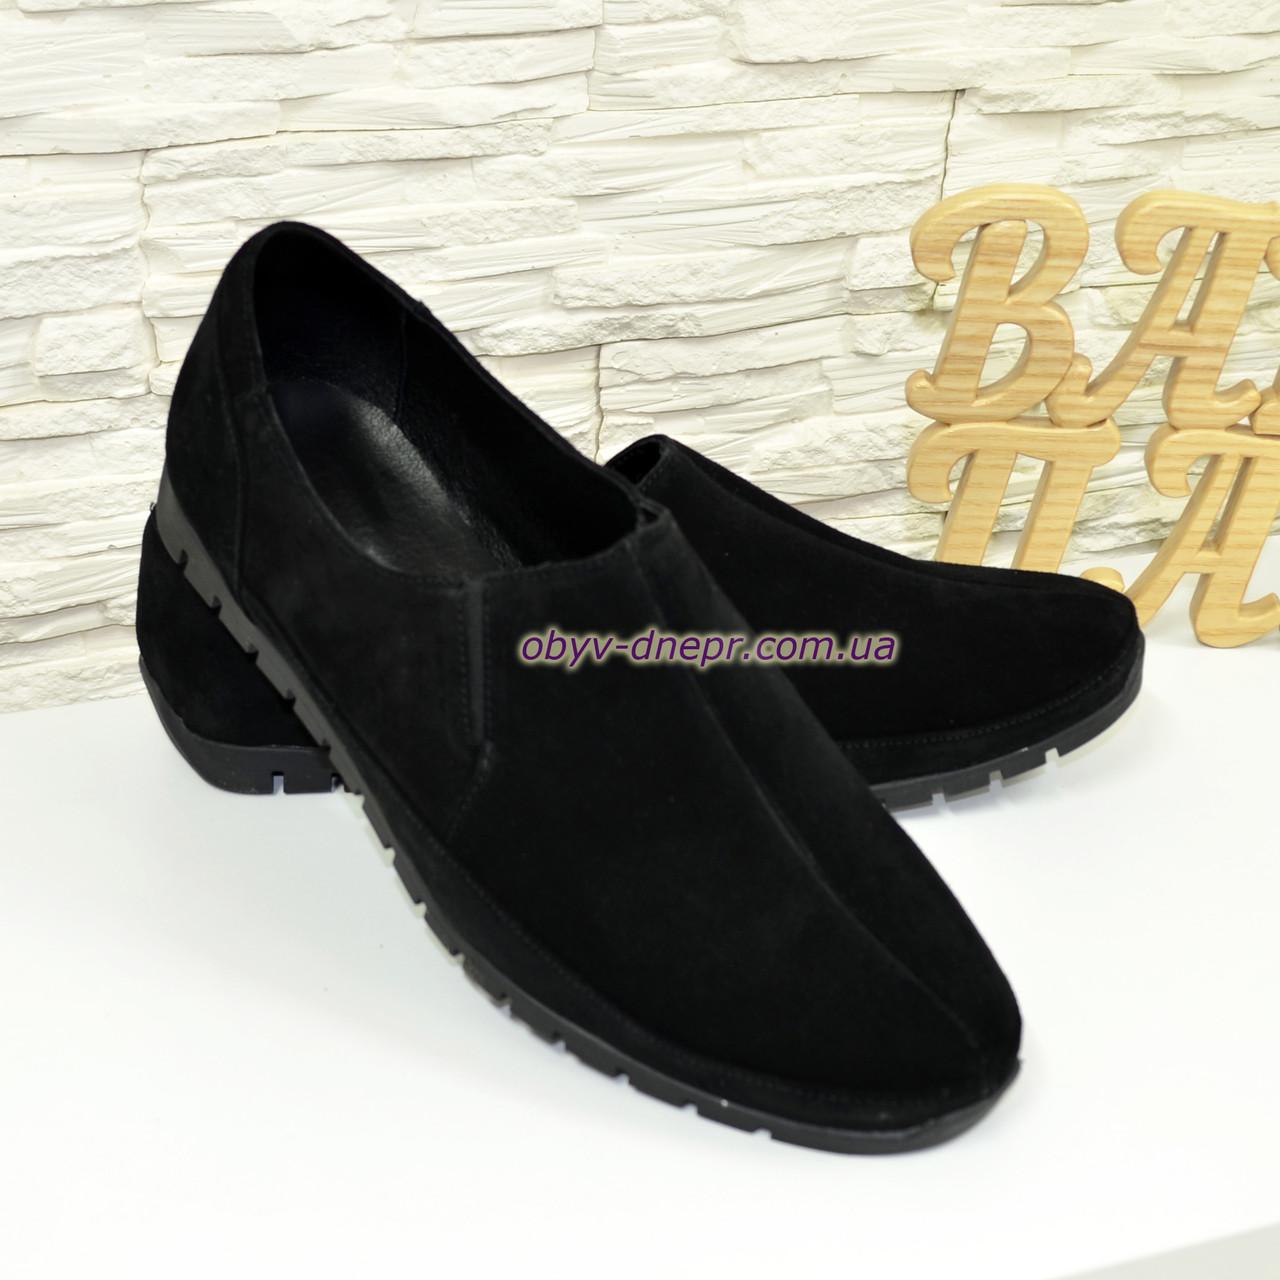 Туфли-мокасины замшевые мужские, цвет черный.